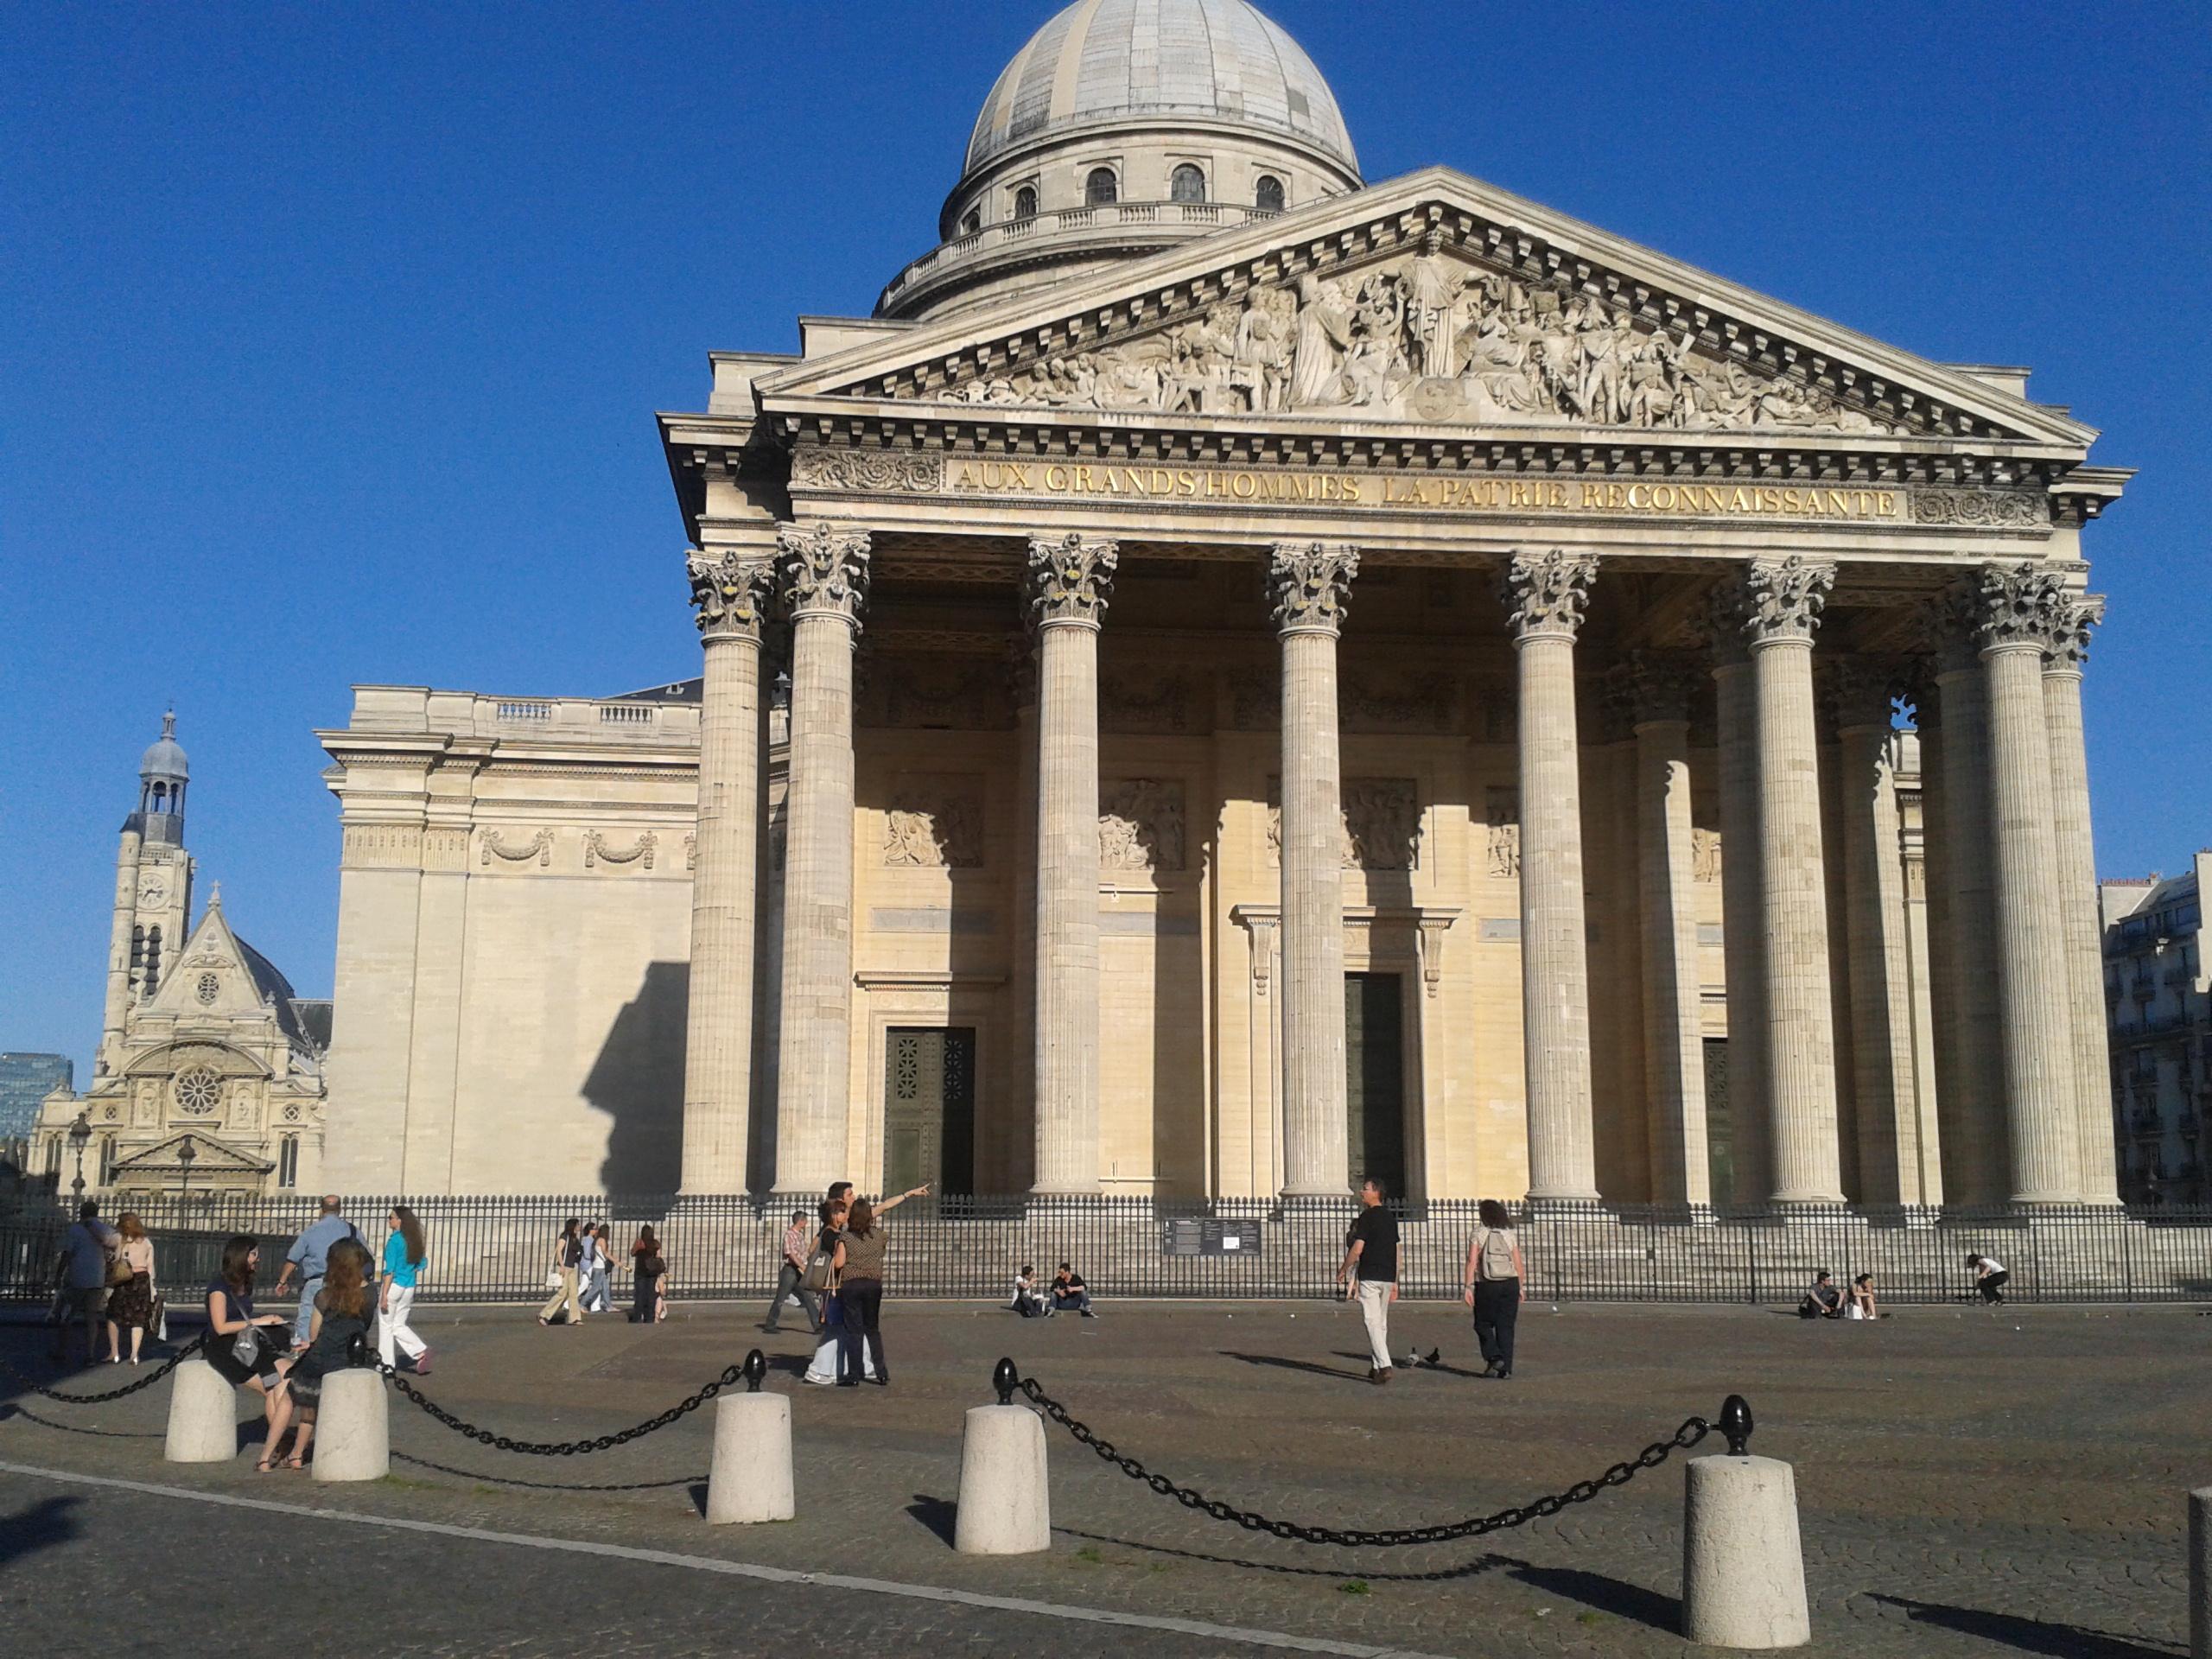 Sekrety paryskiego Panteonu.